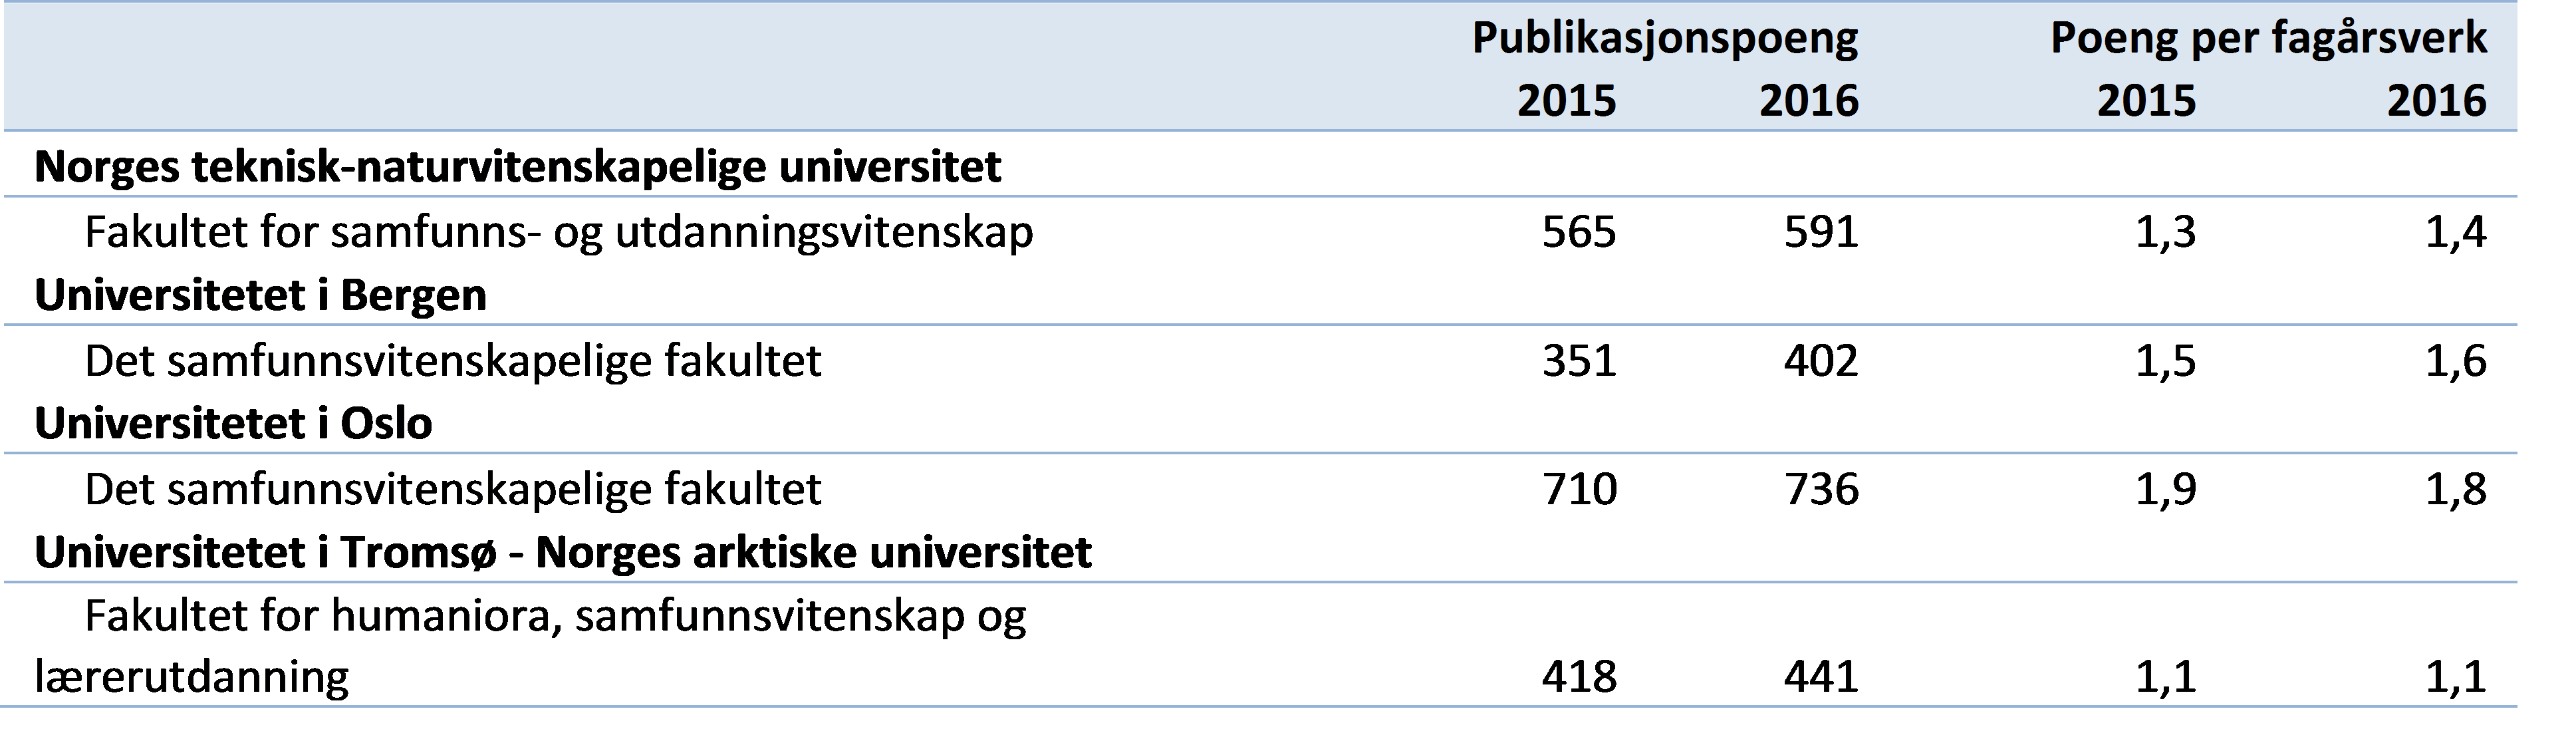 Tabell 2 Hovedindikatorer innen samfunnsvitenskapelige fag ved utvalgte fakultet (DBH).